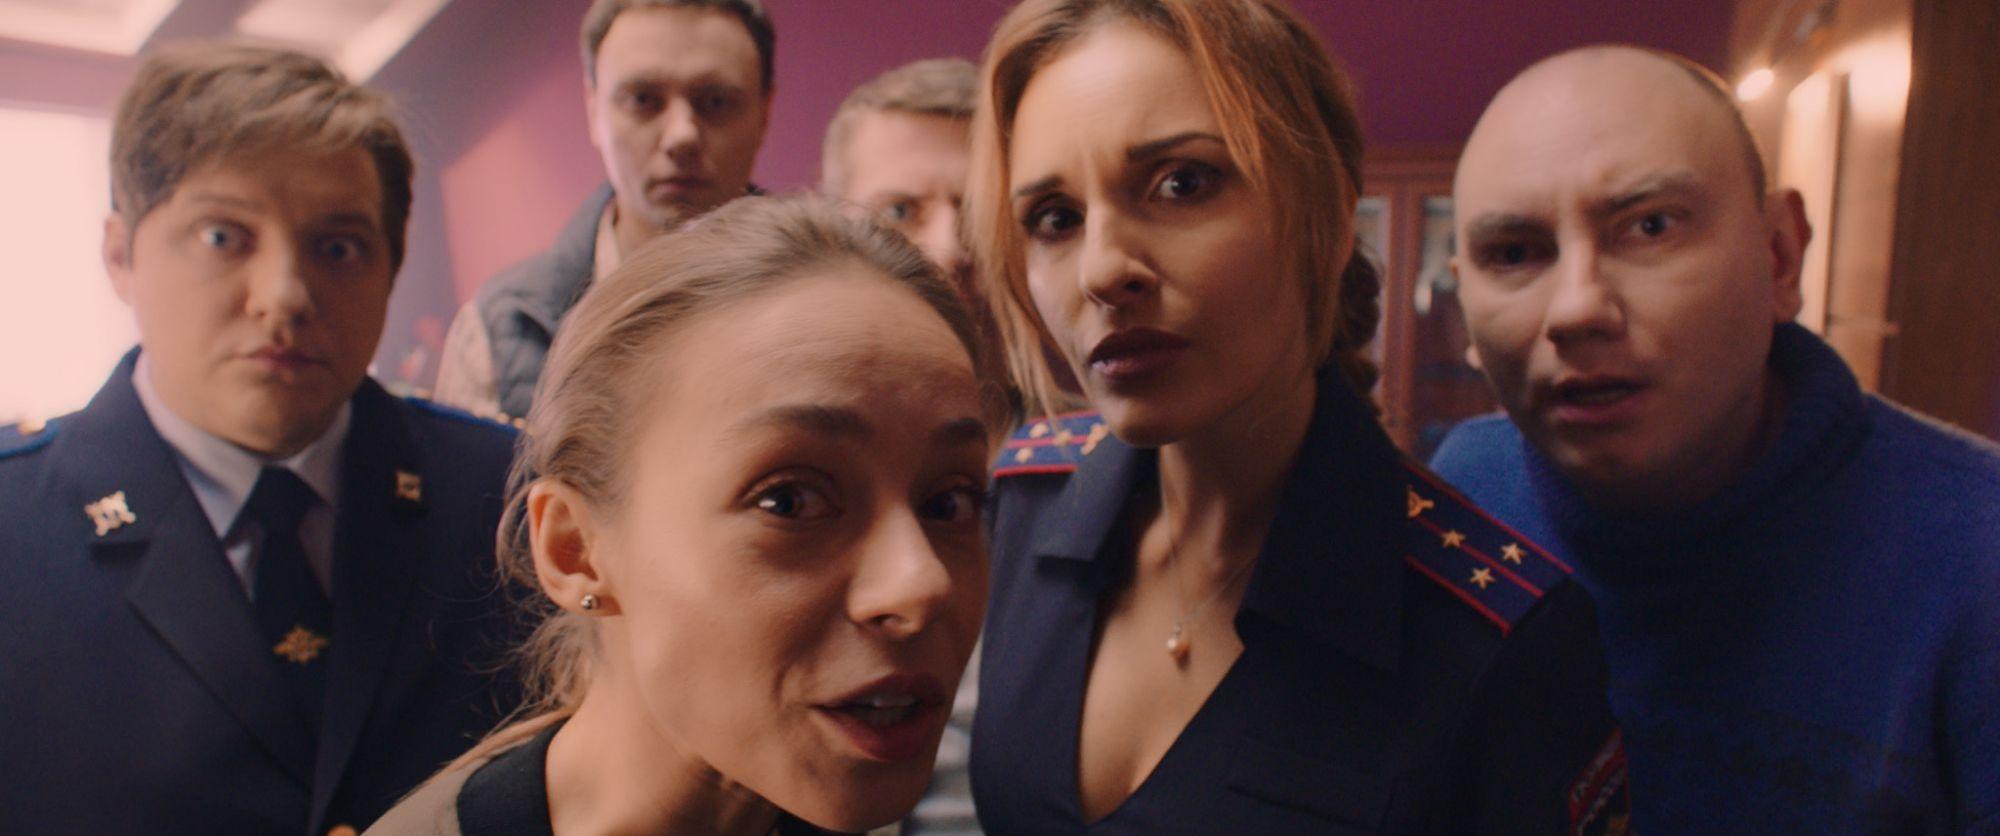 Франшиза «Полицейский с Рублёвки» установила абсолютный рекорд в прокате